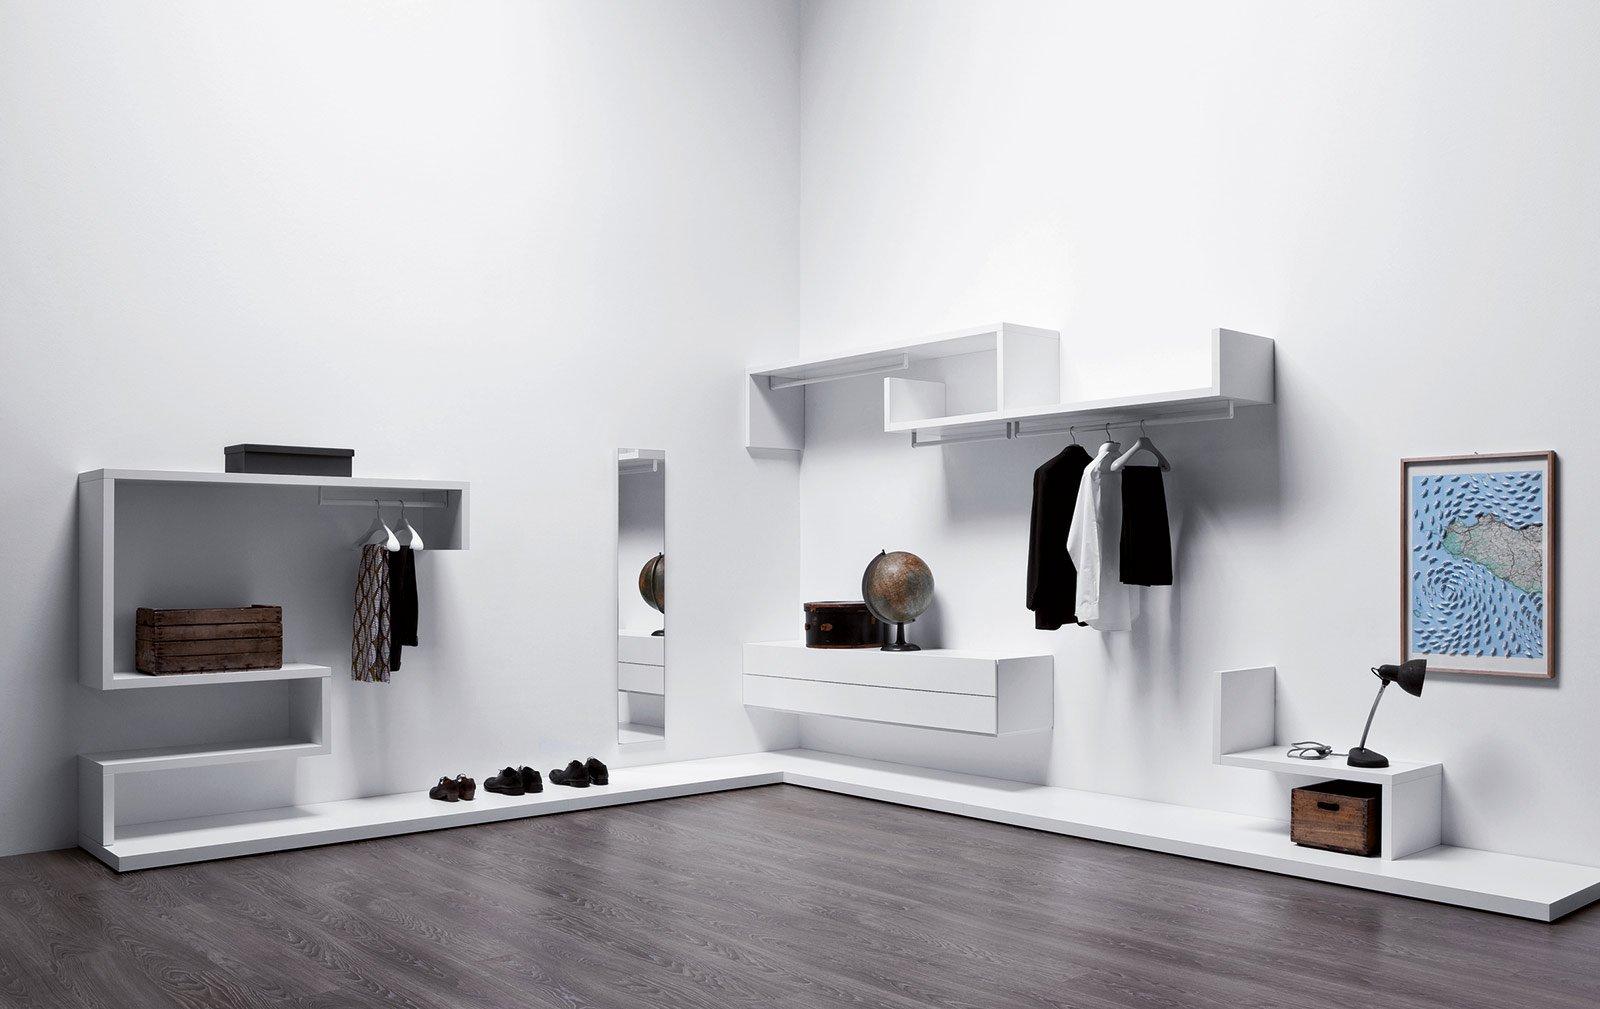 Cabine armadio come su misura cose di casa - Appendiabiti a parete ikea ...